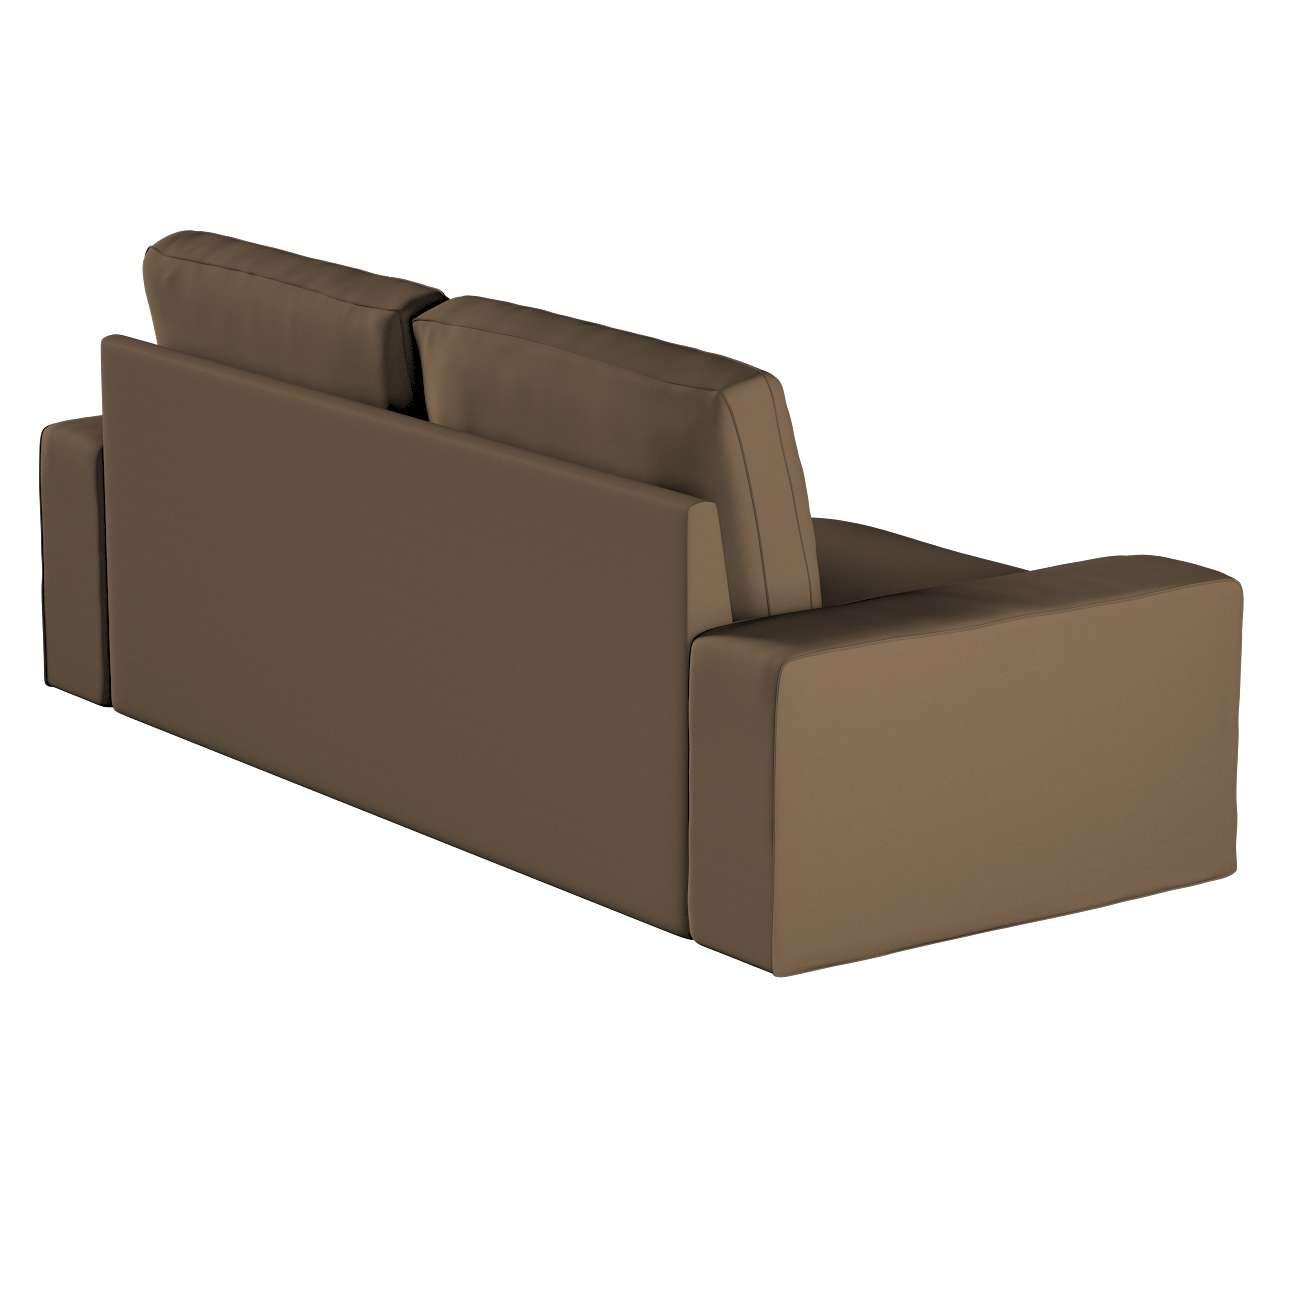 Pokrowiec na sofę Kivik 3-osobową, nierozkładaną w kolekcji Cotton Panama, tkanina: 702-02